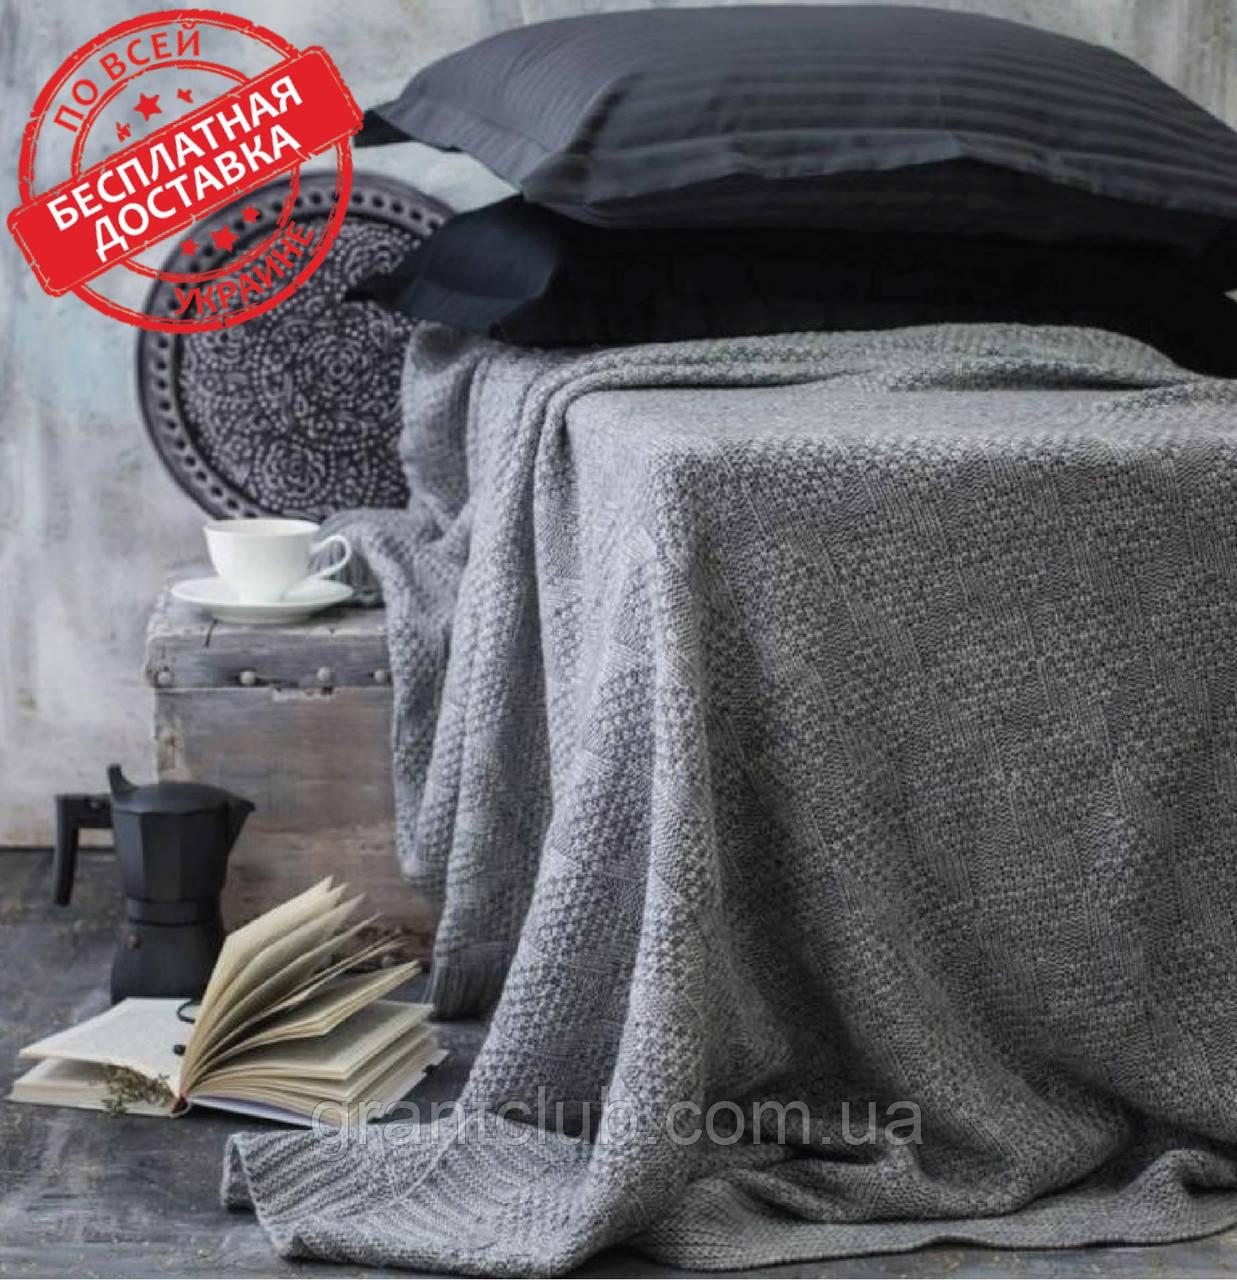 Покрывало вязаное ИНСТА 220х240 серое Vividzone (бесплатная доставка)